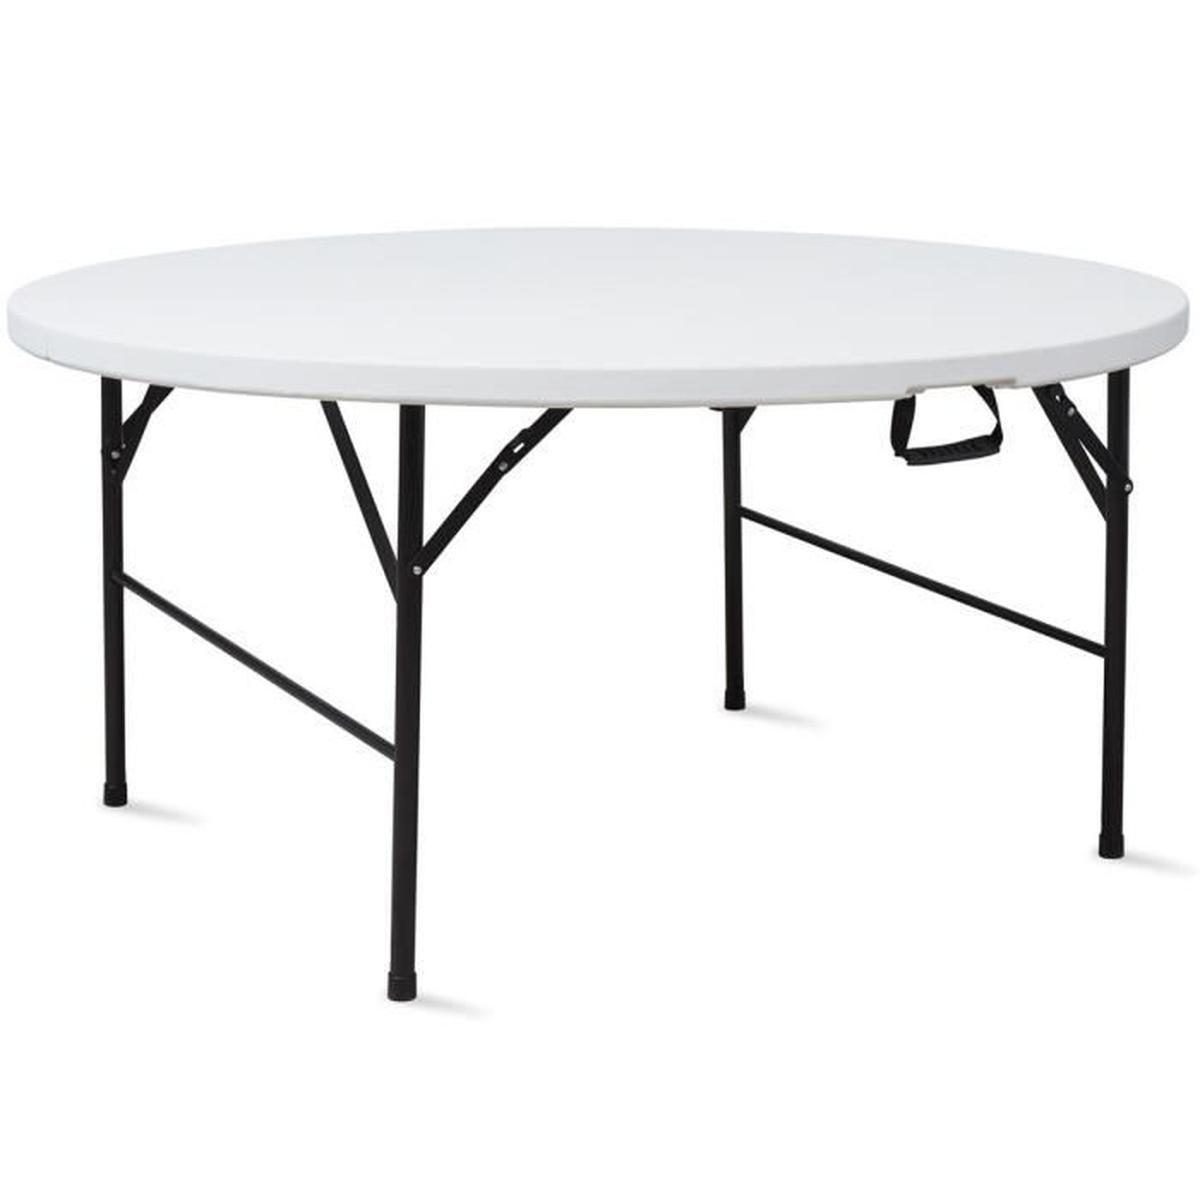 Table Ronde 180 Cm intérieur Table De Jardin Ronde Pas Cher